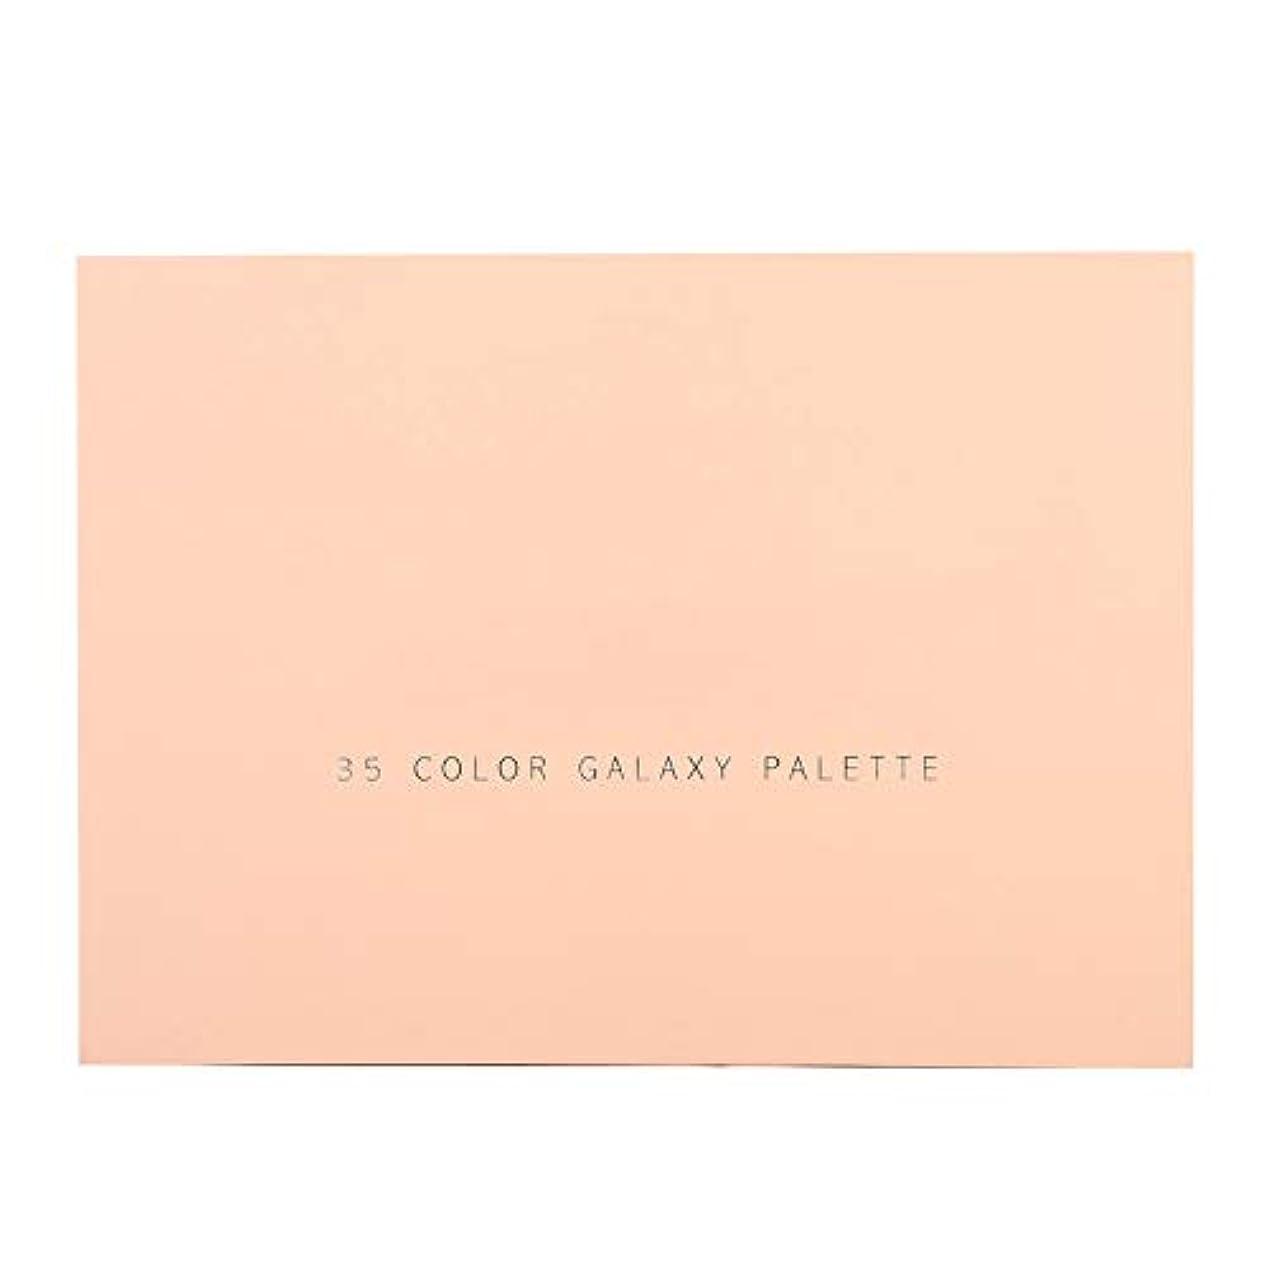 土砂降り人差し指十分な35色キラキラマットアイシャドーパレット簡単に適用するアイシャドー化粧品メイクアップパウダー(ピンク)